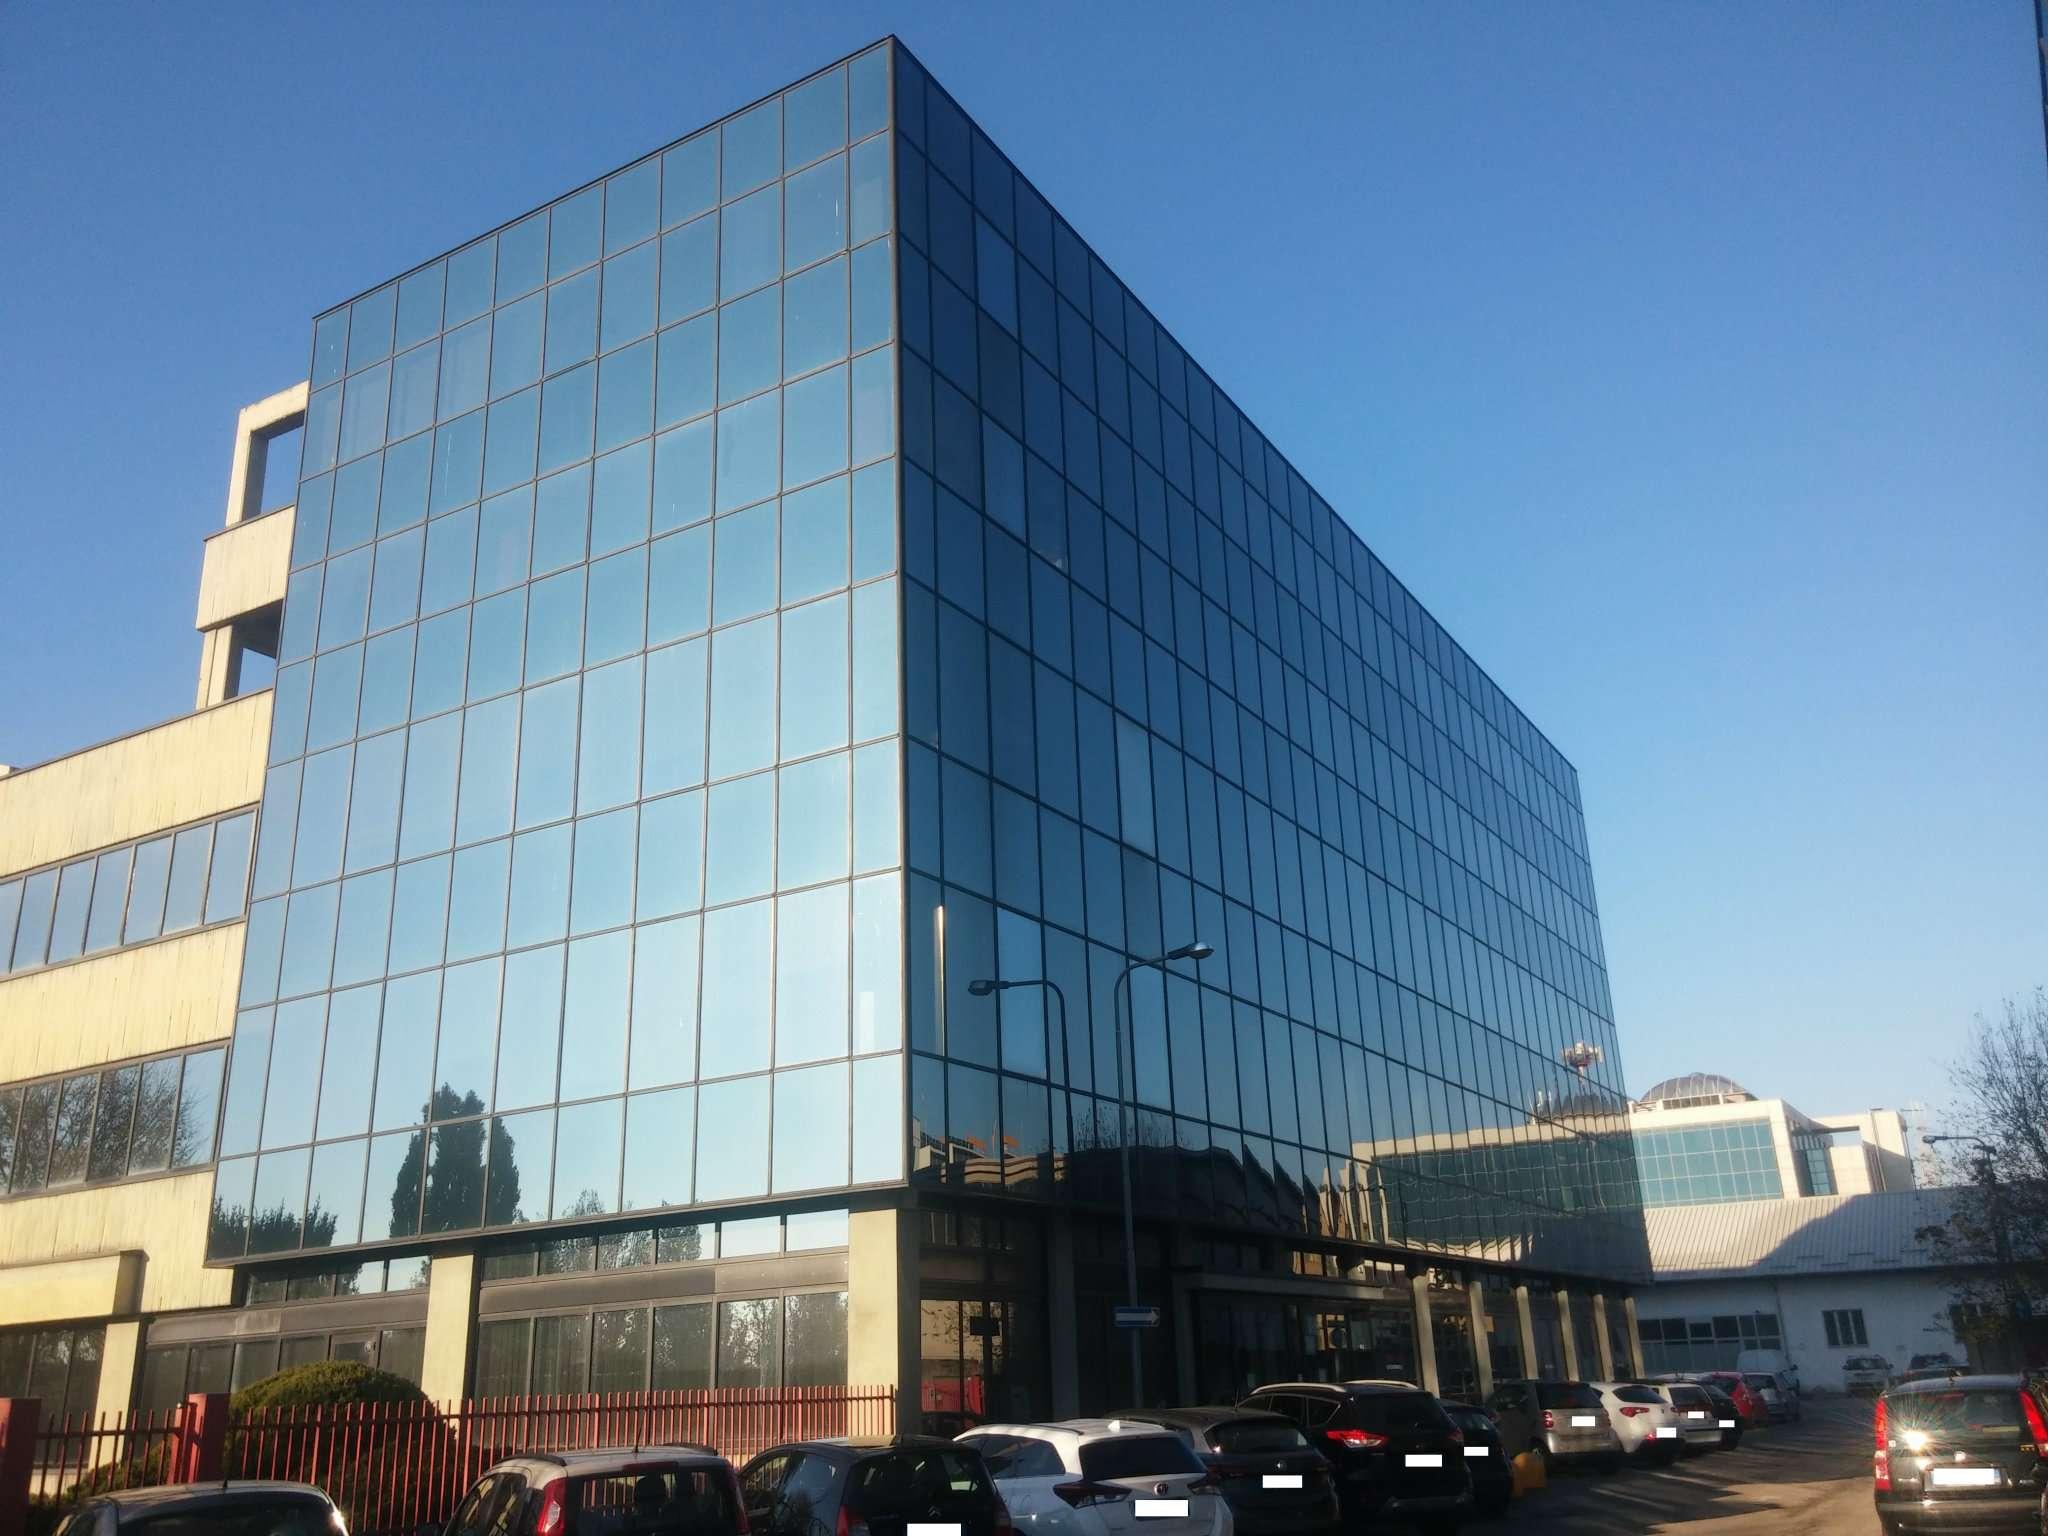 Uffici openspace di totali 630 mq con ampio magazino di mq 306 Rif. 5059696